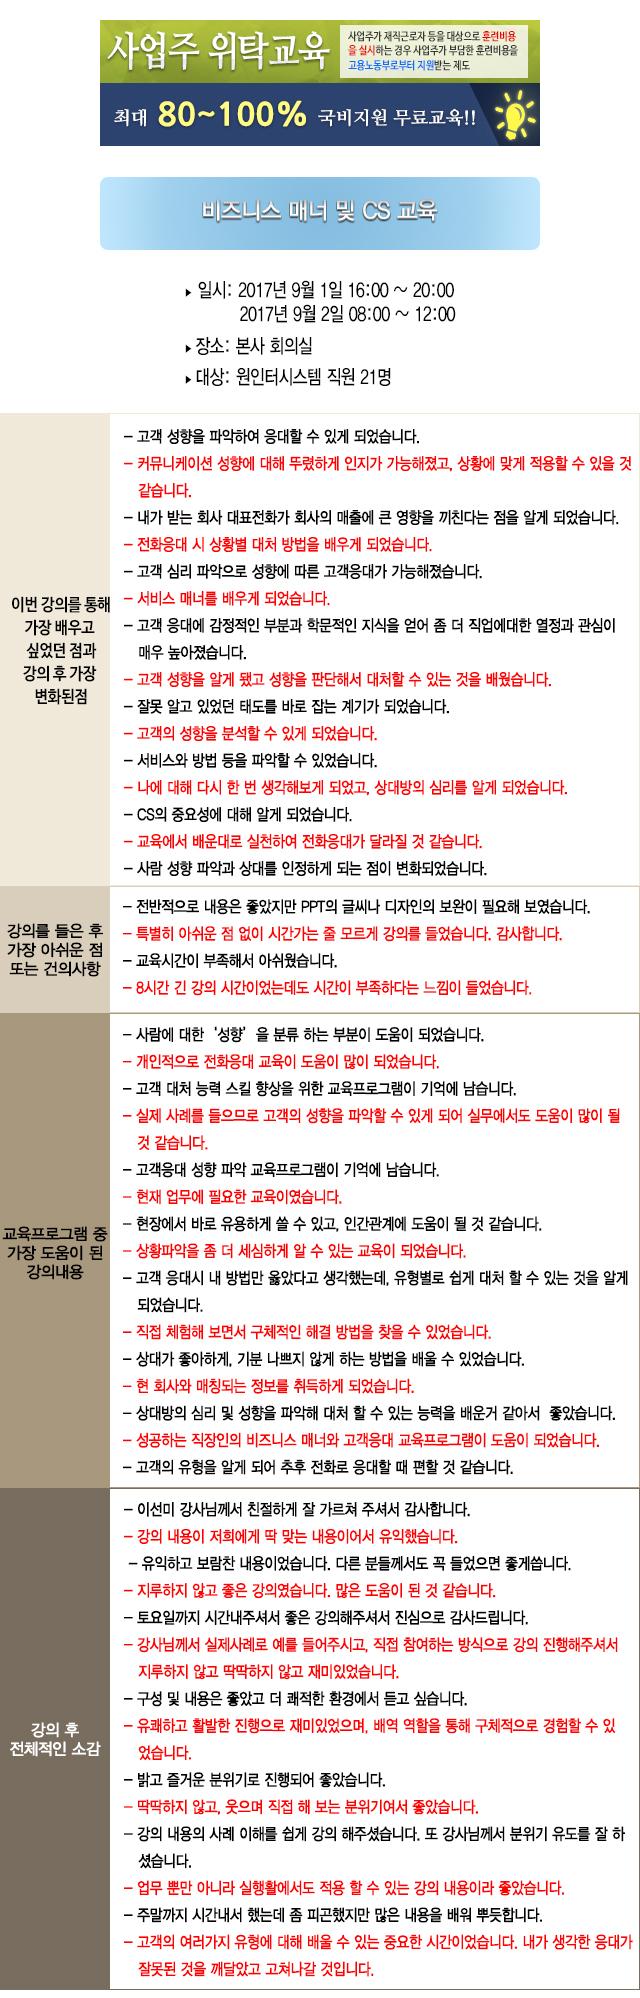 한국중앙인재개발원 후기 원인터시스템.jpg